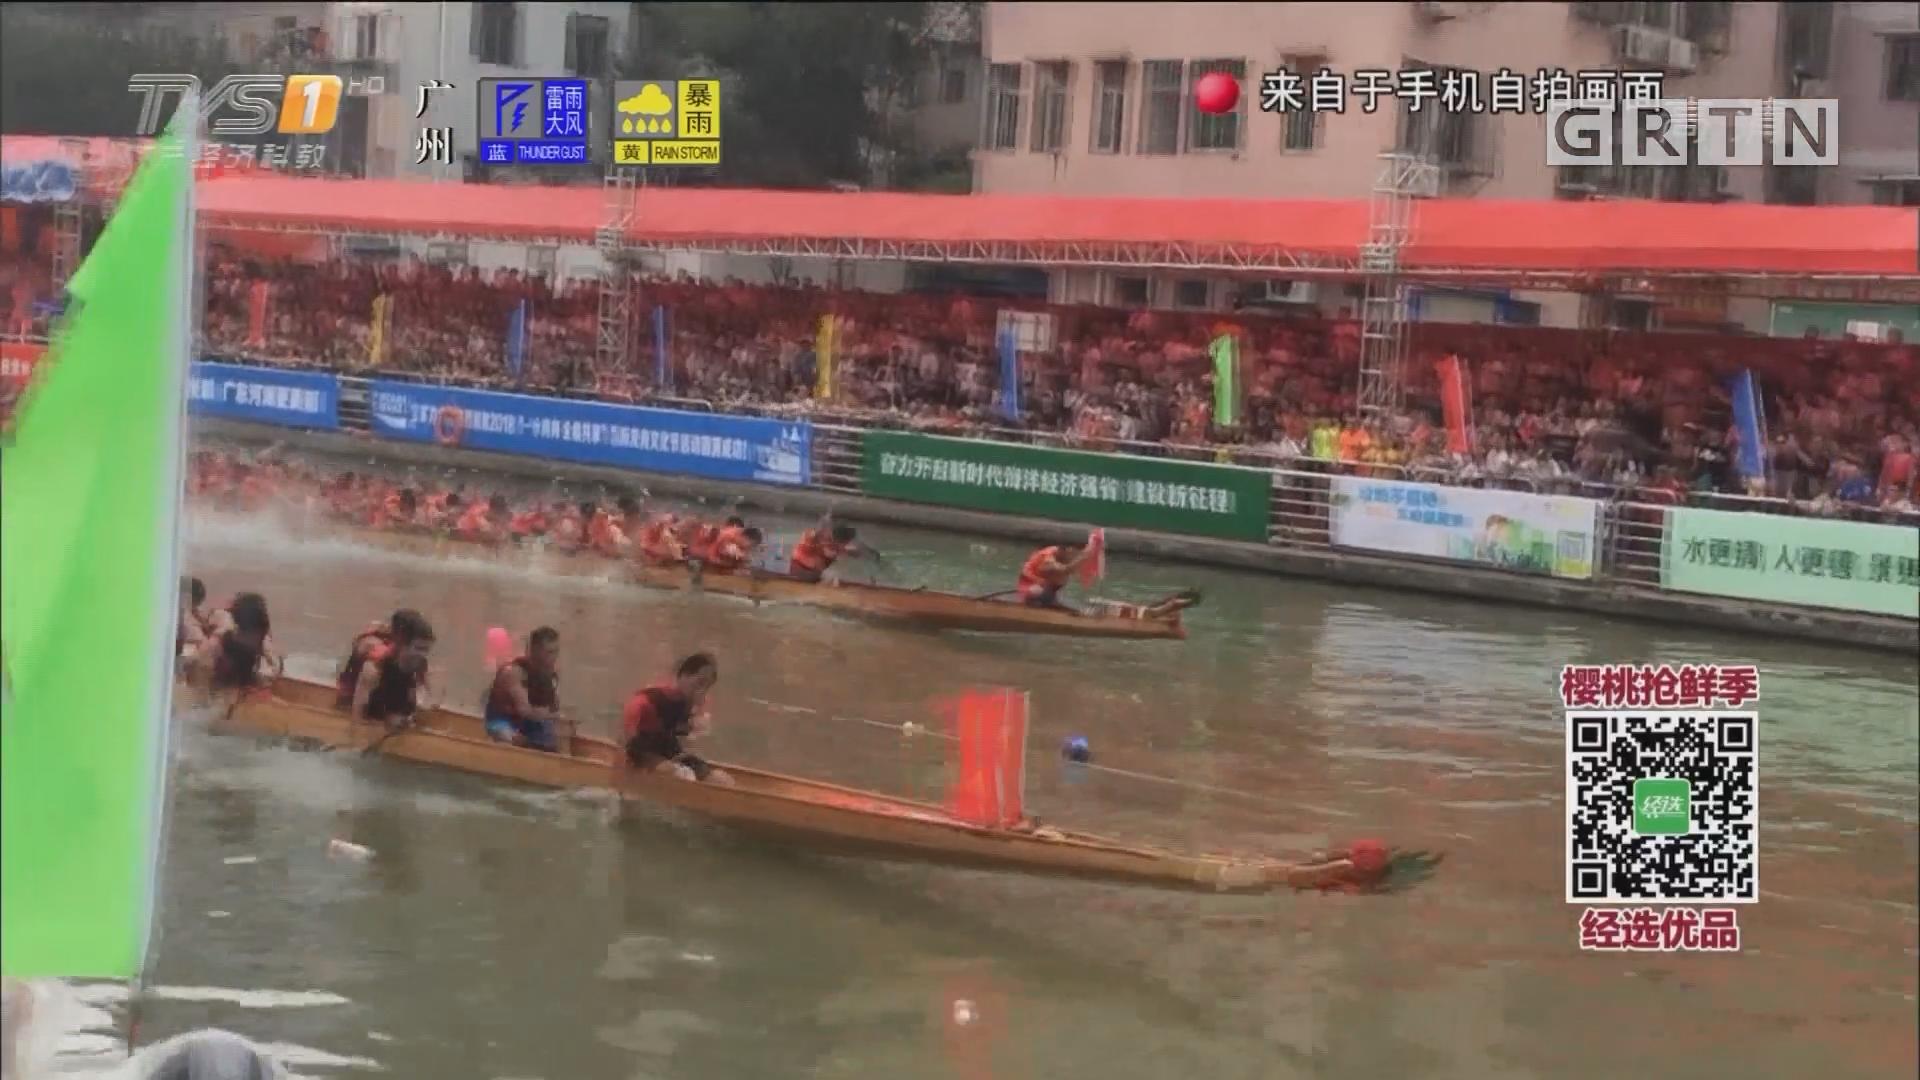 赛龙夺锦正当时 广州龙舟季全民开锣!